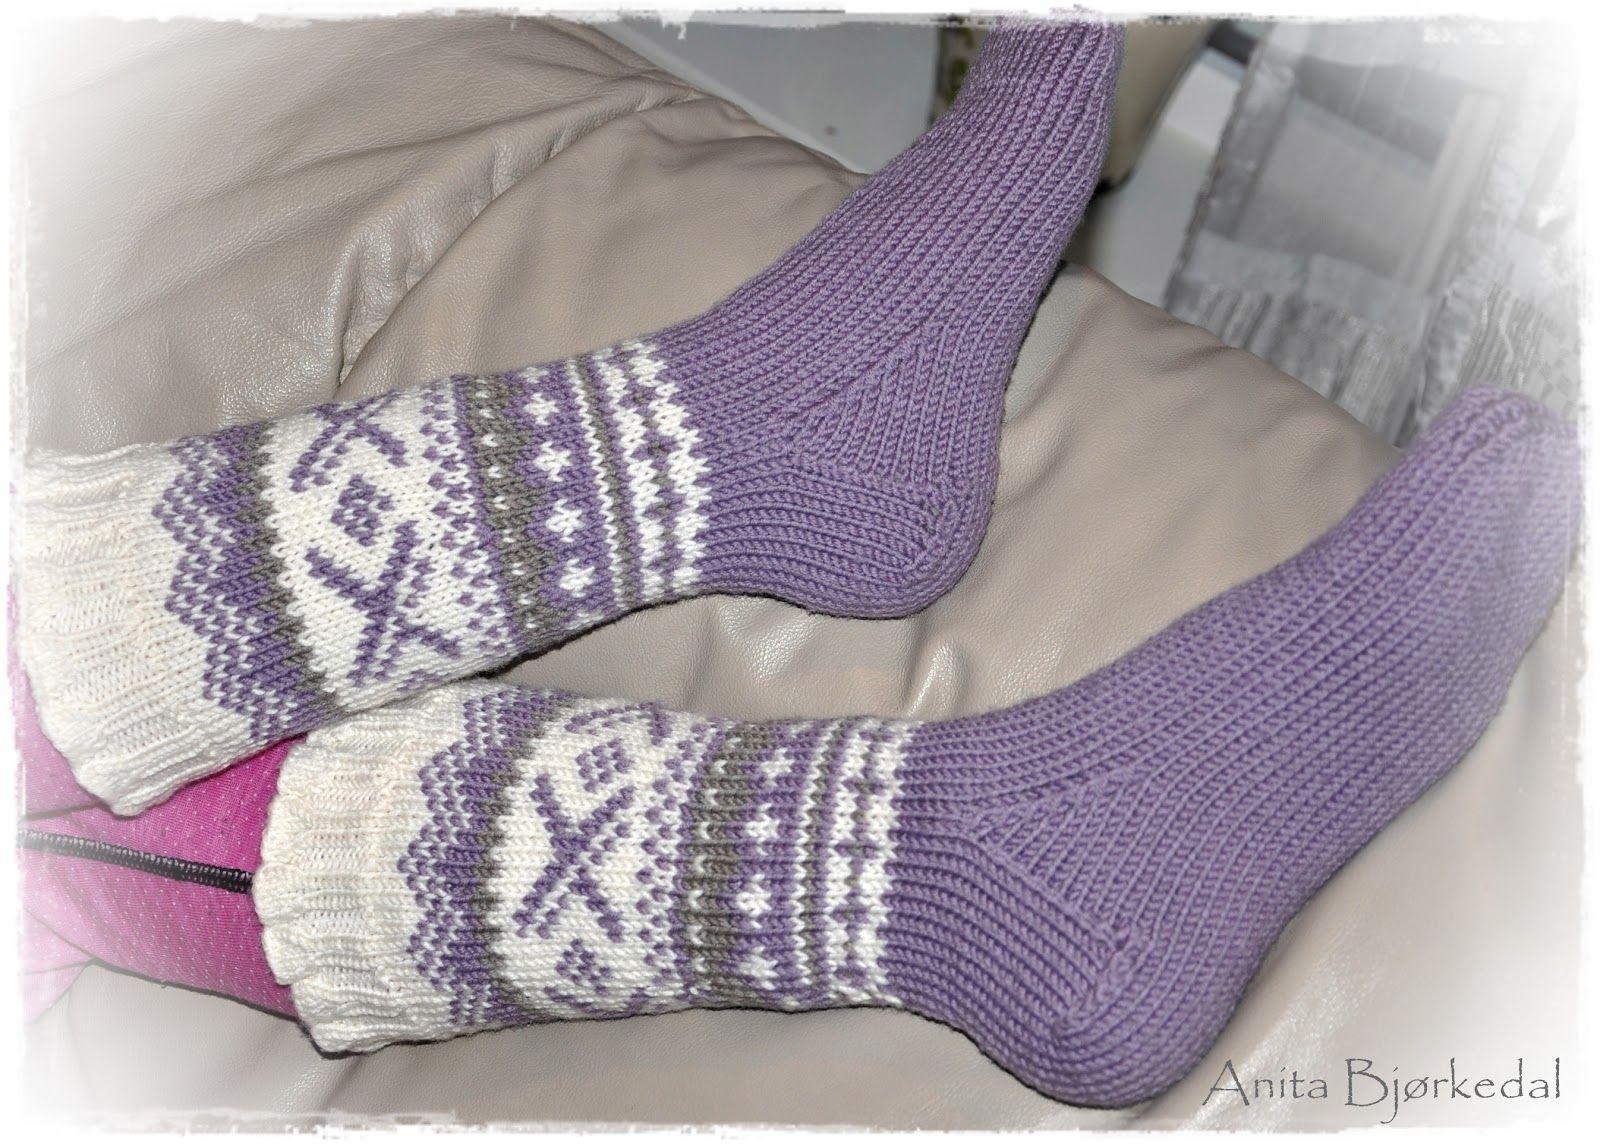 Norwegian Patterns For Knitting : Norwegian pattern ~ Knitting ~ Pinterest